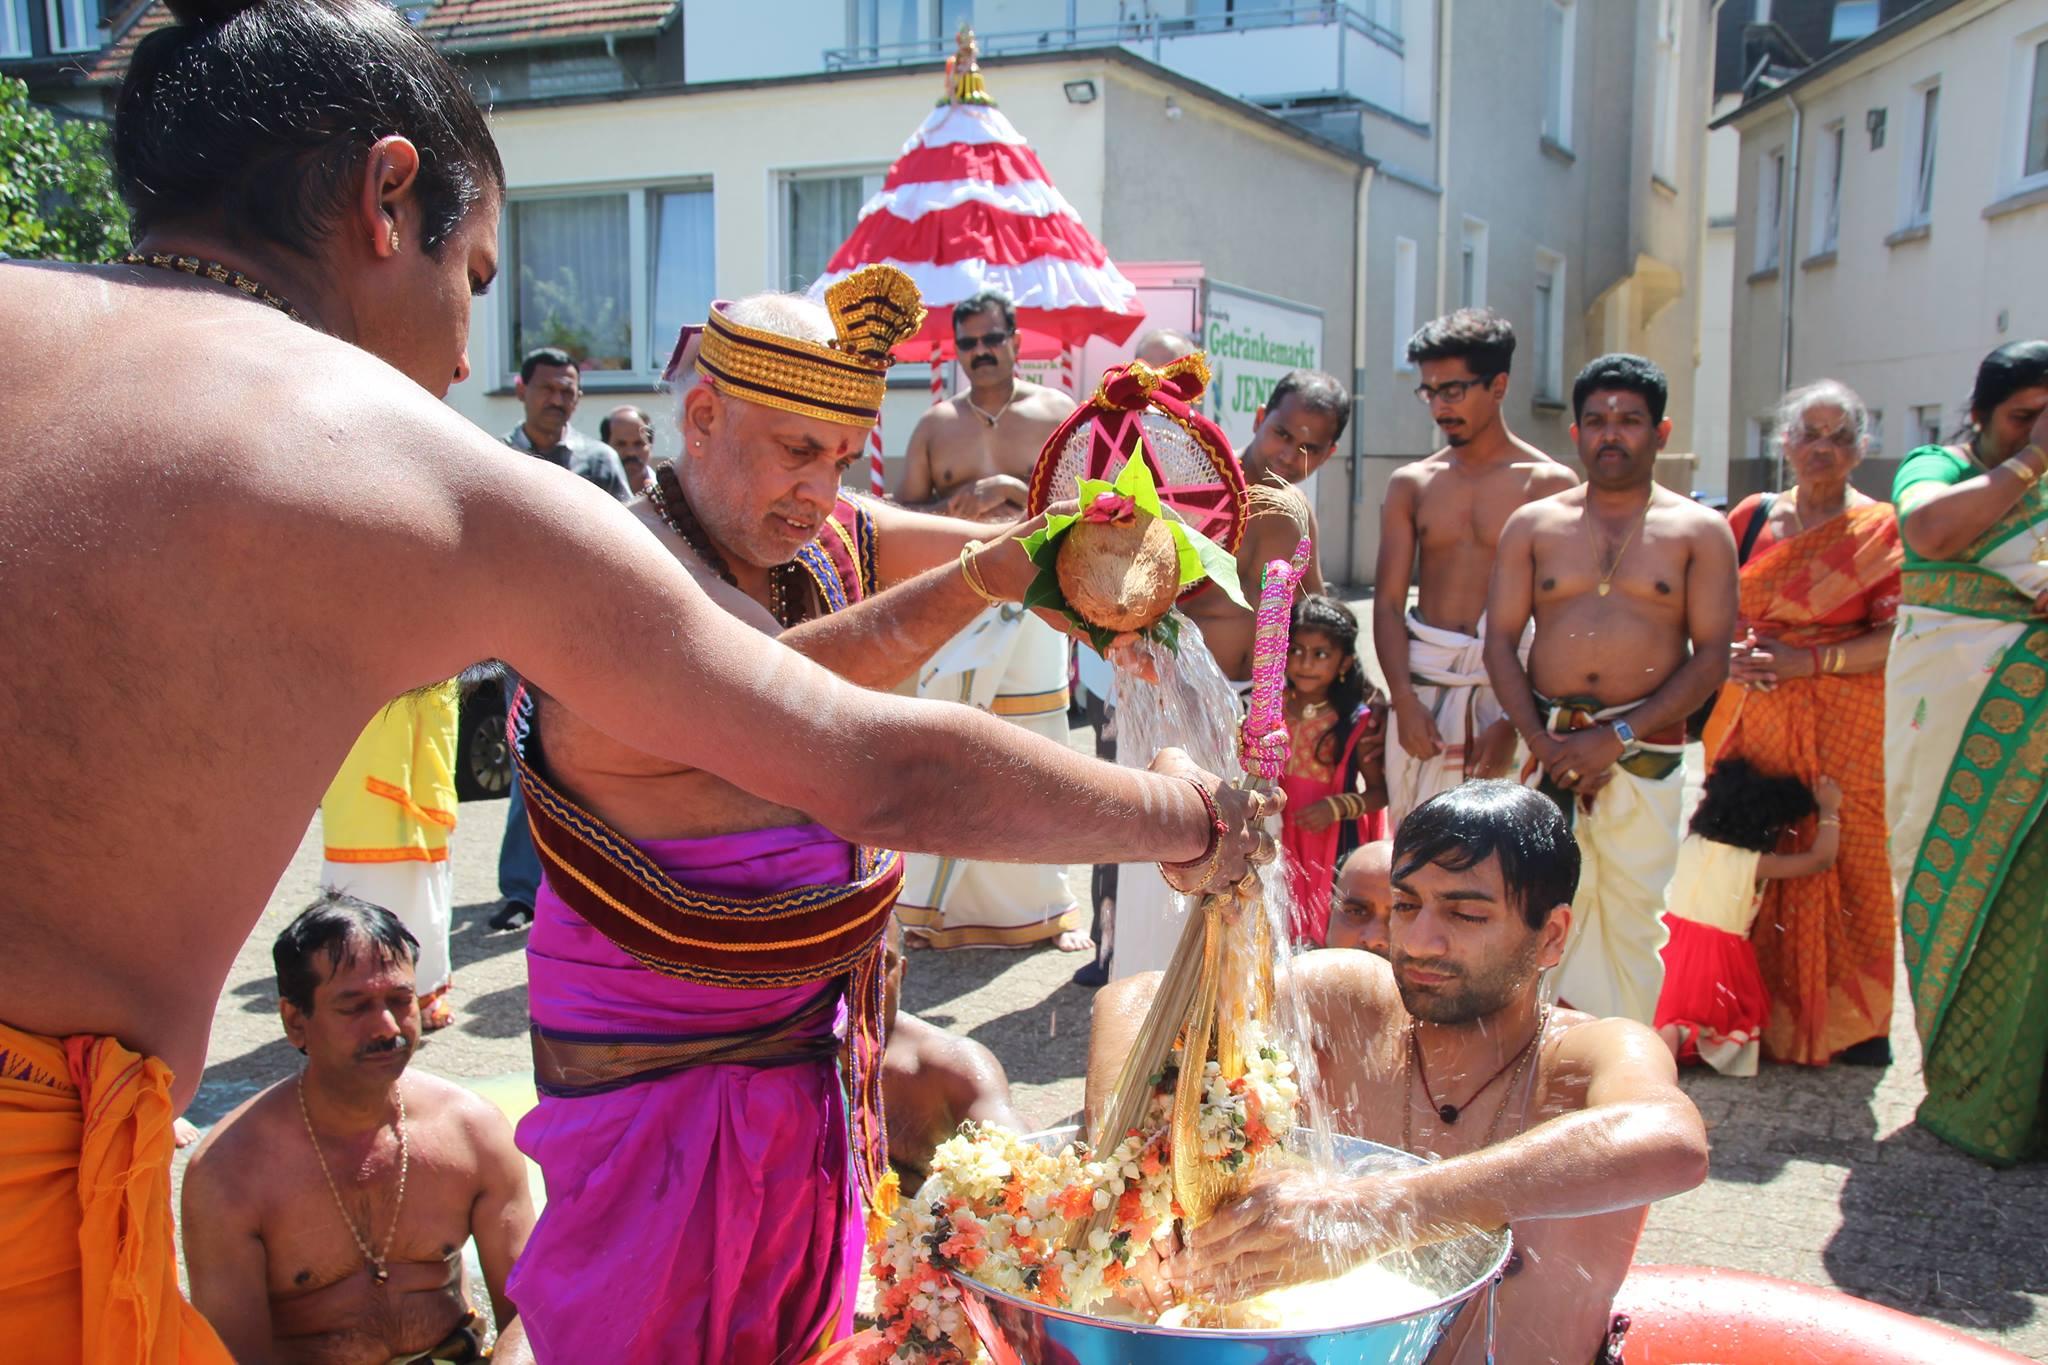 யேர்மன் சுவெற்றா கனகதுக்கா அம்பாள் ஆலய தீர்த்தத் திருவிழா